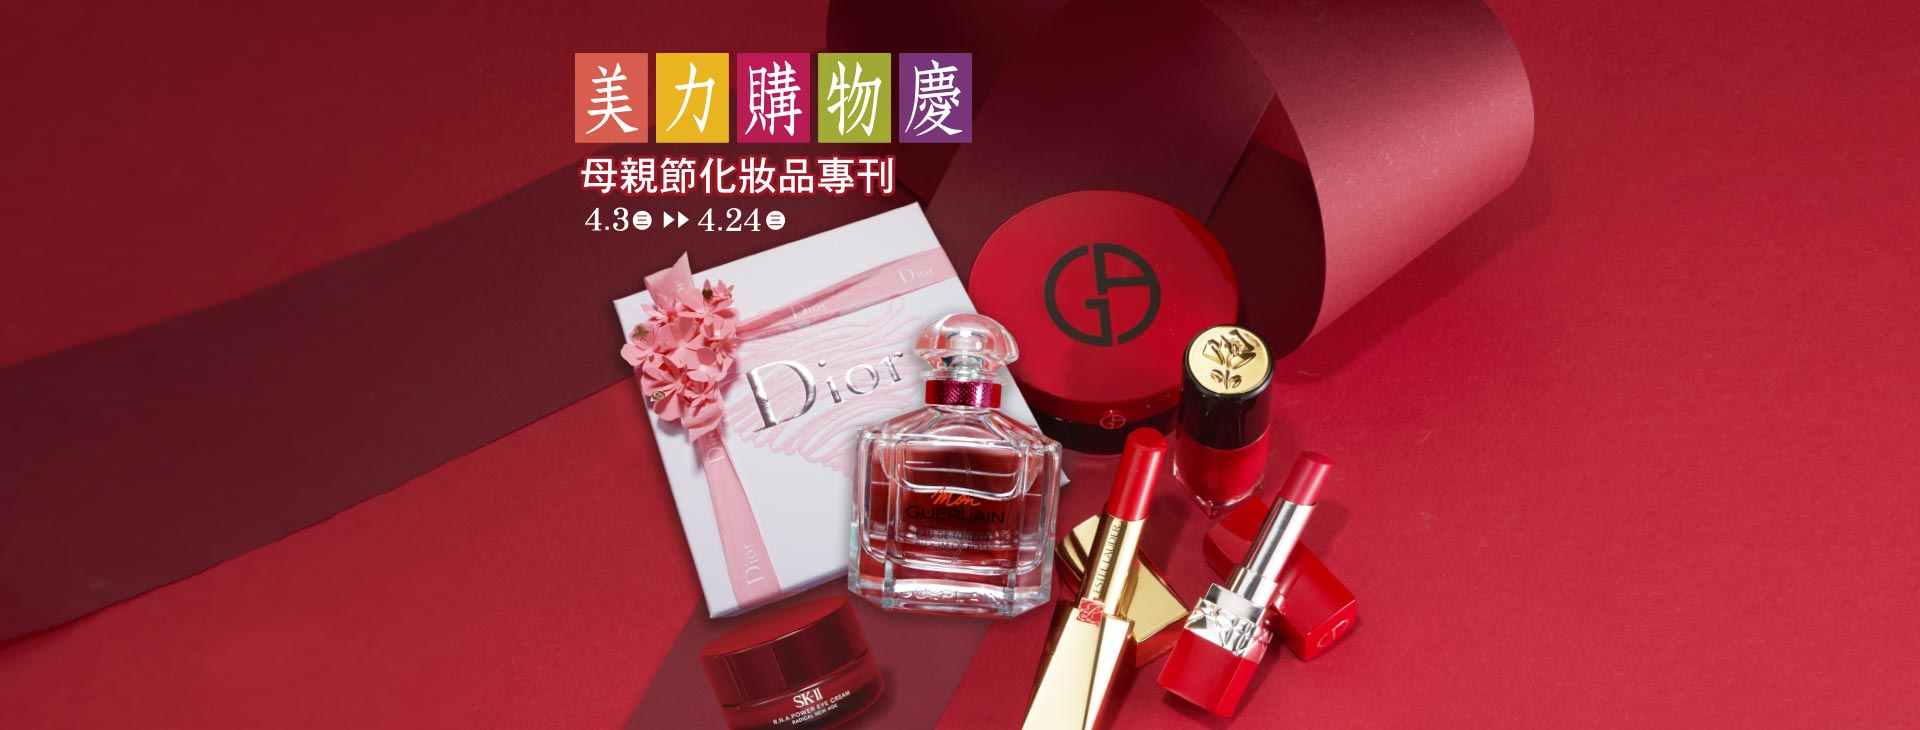 「美力購物慶」母親節化妝品專刊